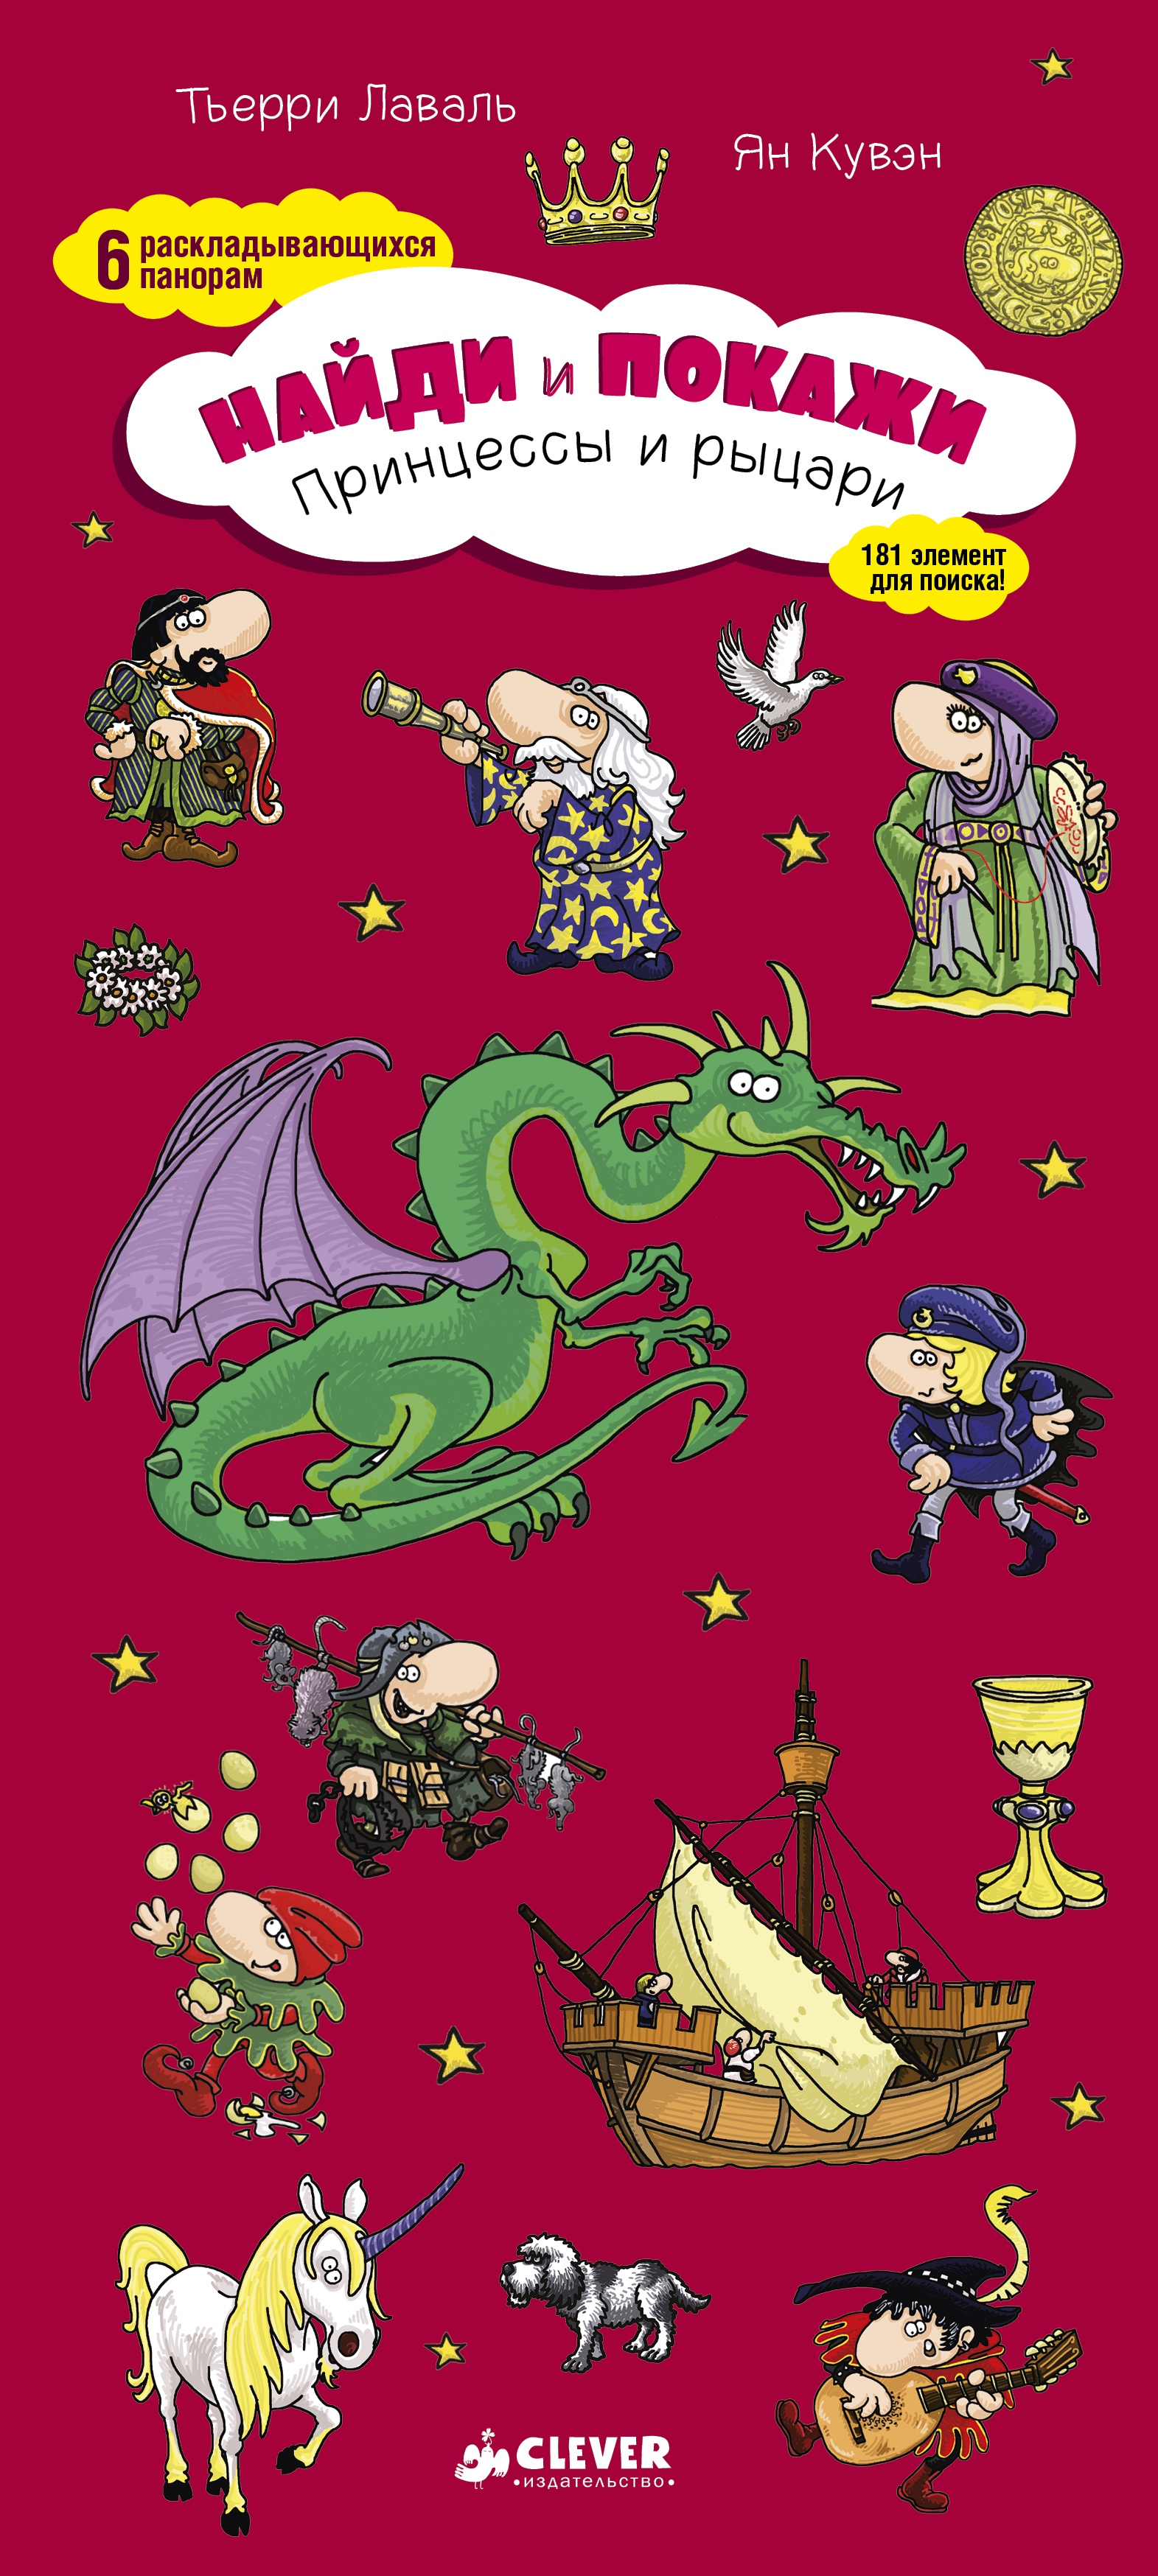 Лаваль Т. Принцессы и рыцари игра анастасия путешествие русской принцессы и её щенка